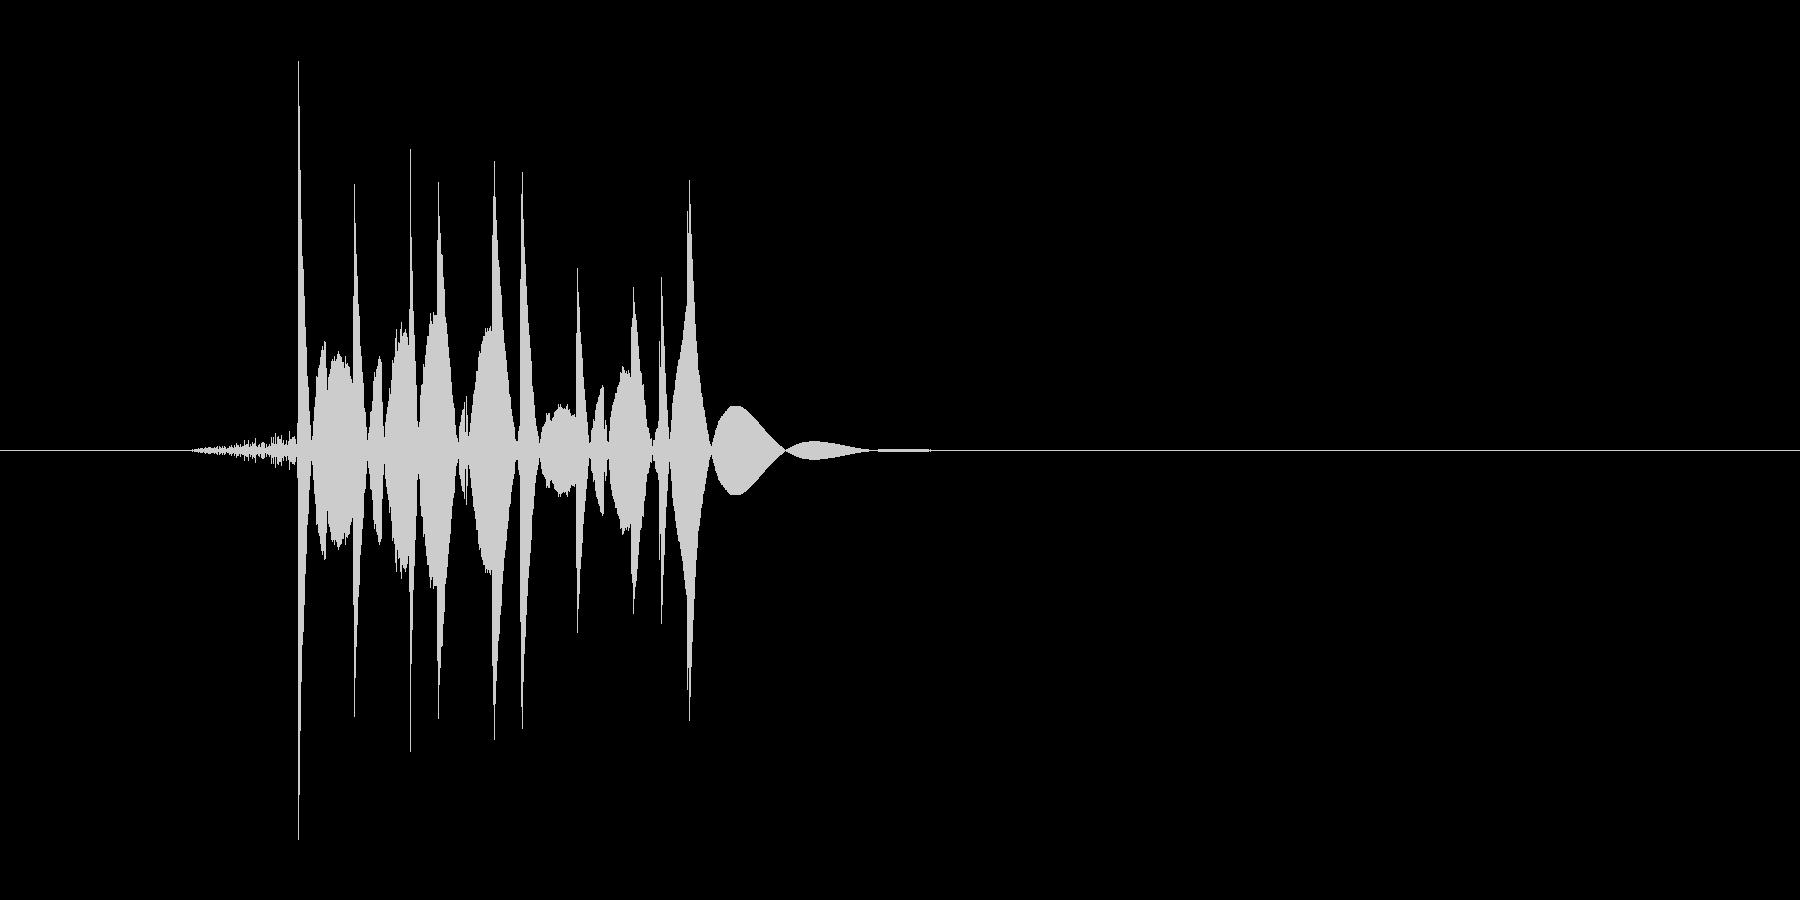 ゲーム(ファミコン風)爆発音_025の未再生の波形